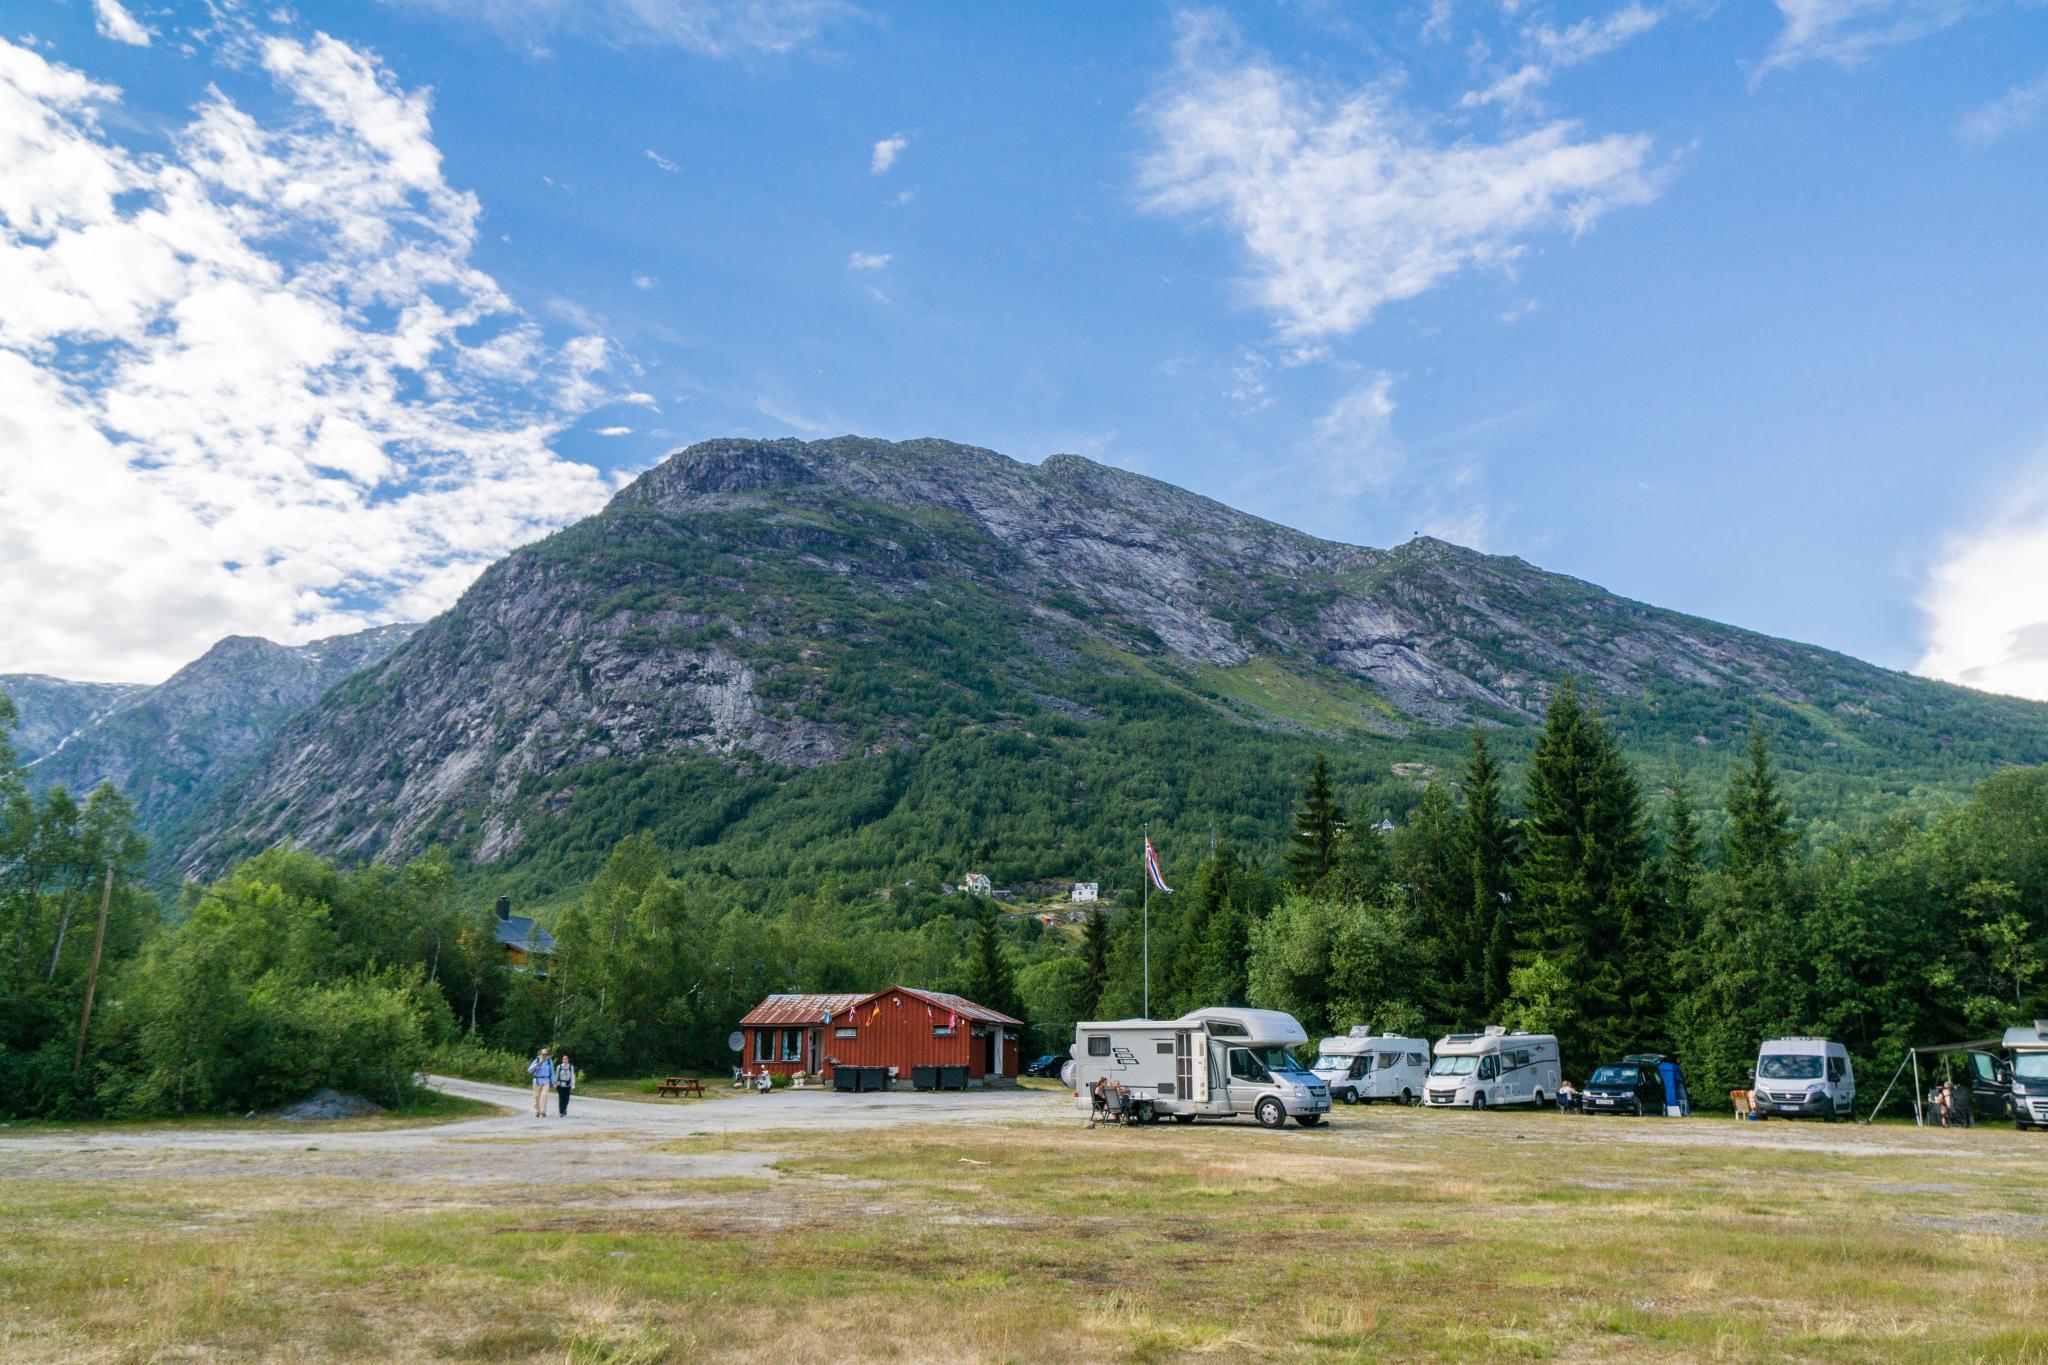 【北歐露營】挪威冰河健行露營地 - Nigardsbreen Camping 4